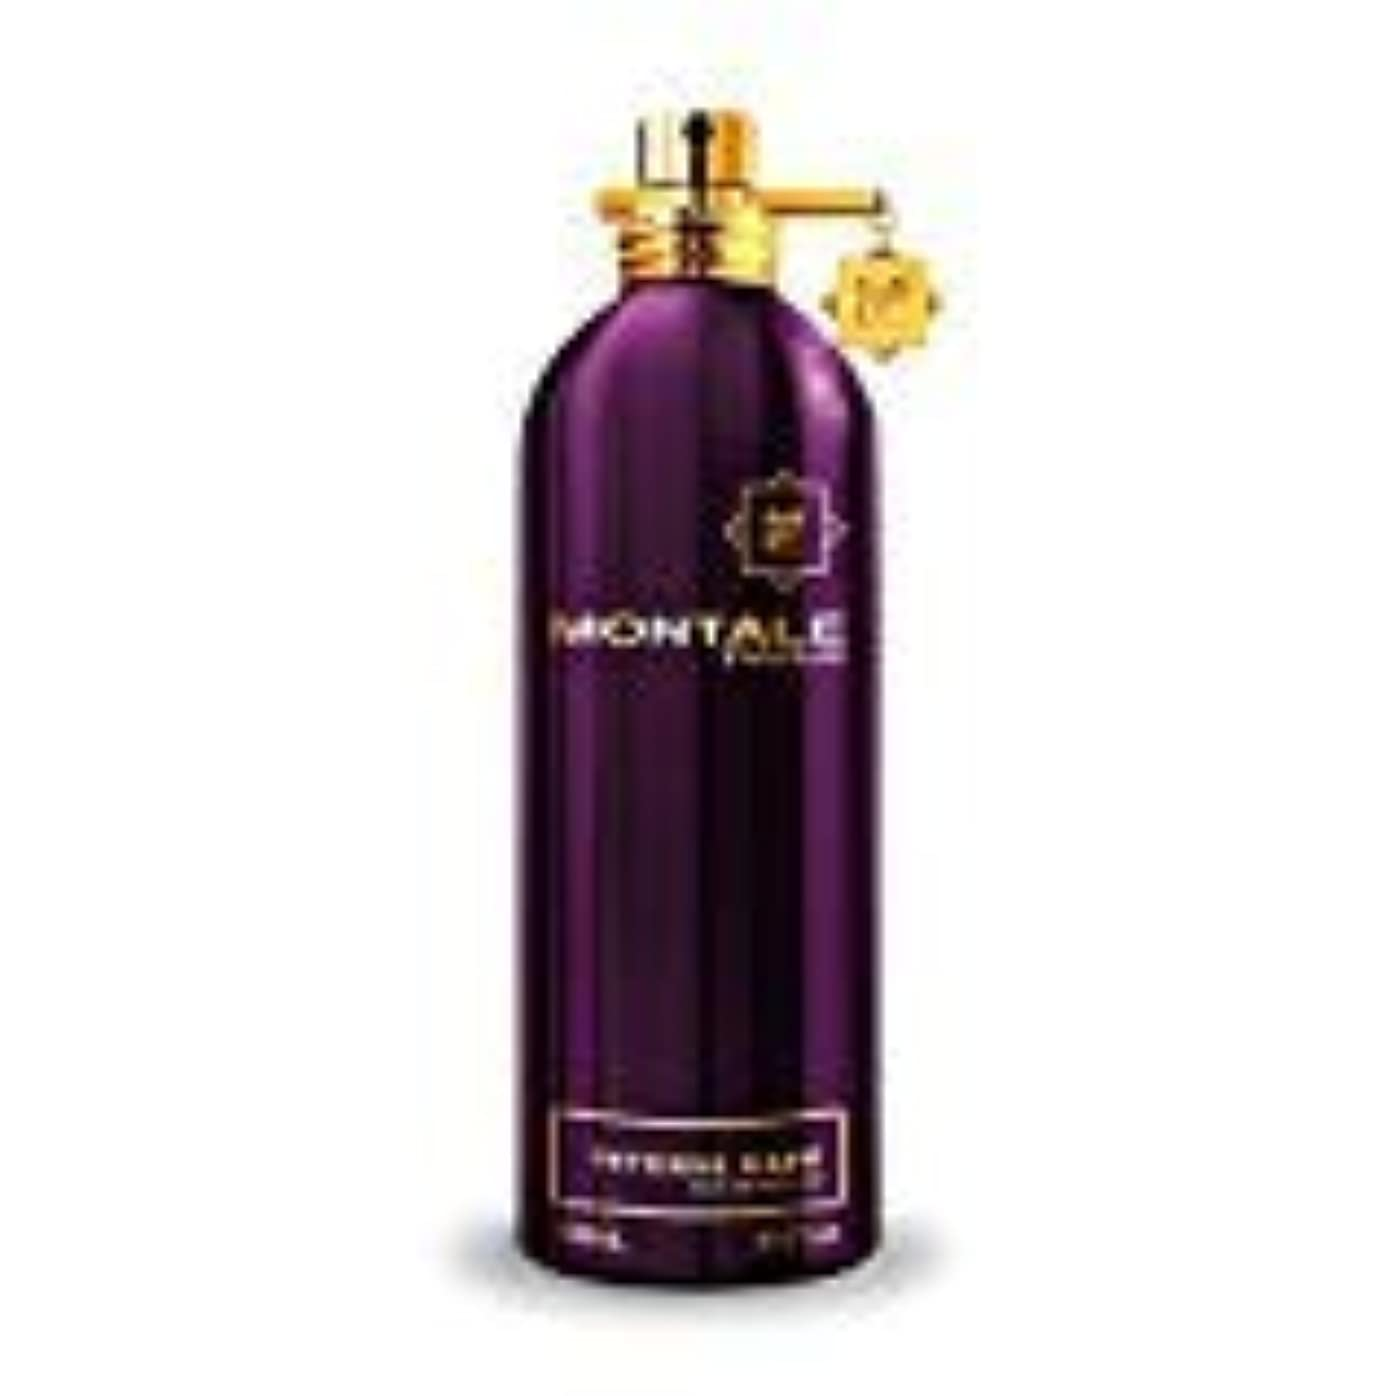 聴覚障害者襲撃見通しMONTALE INTENSE CAFE Eau de Perfume 100ml Made in France 100% 本物モンターレ強烈なカフェ香水 100 ml フランス製 +2サンプル無料! + 30 mlスキンケア無料!